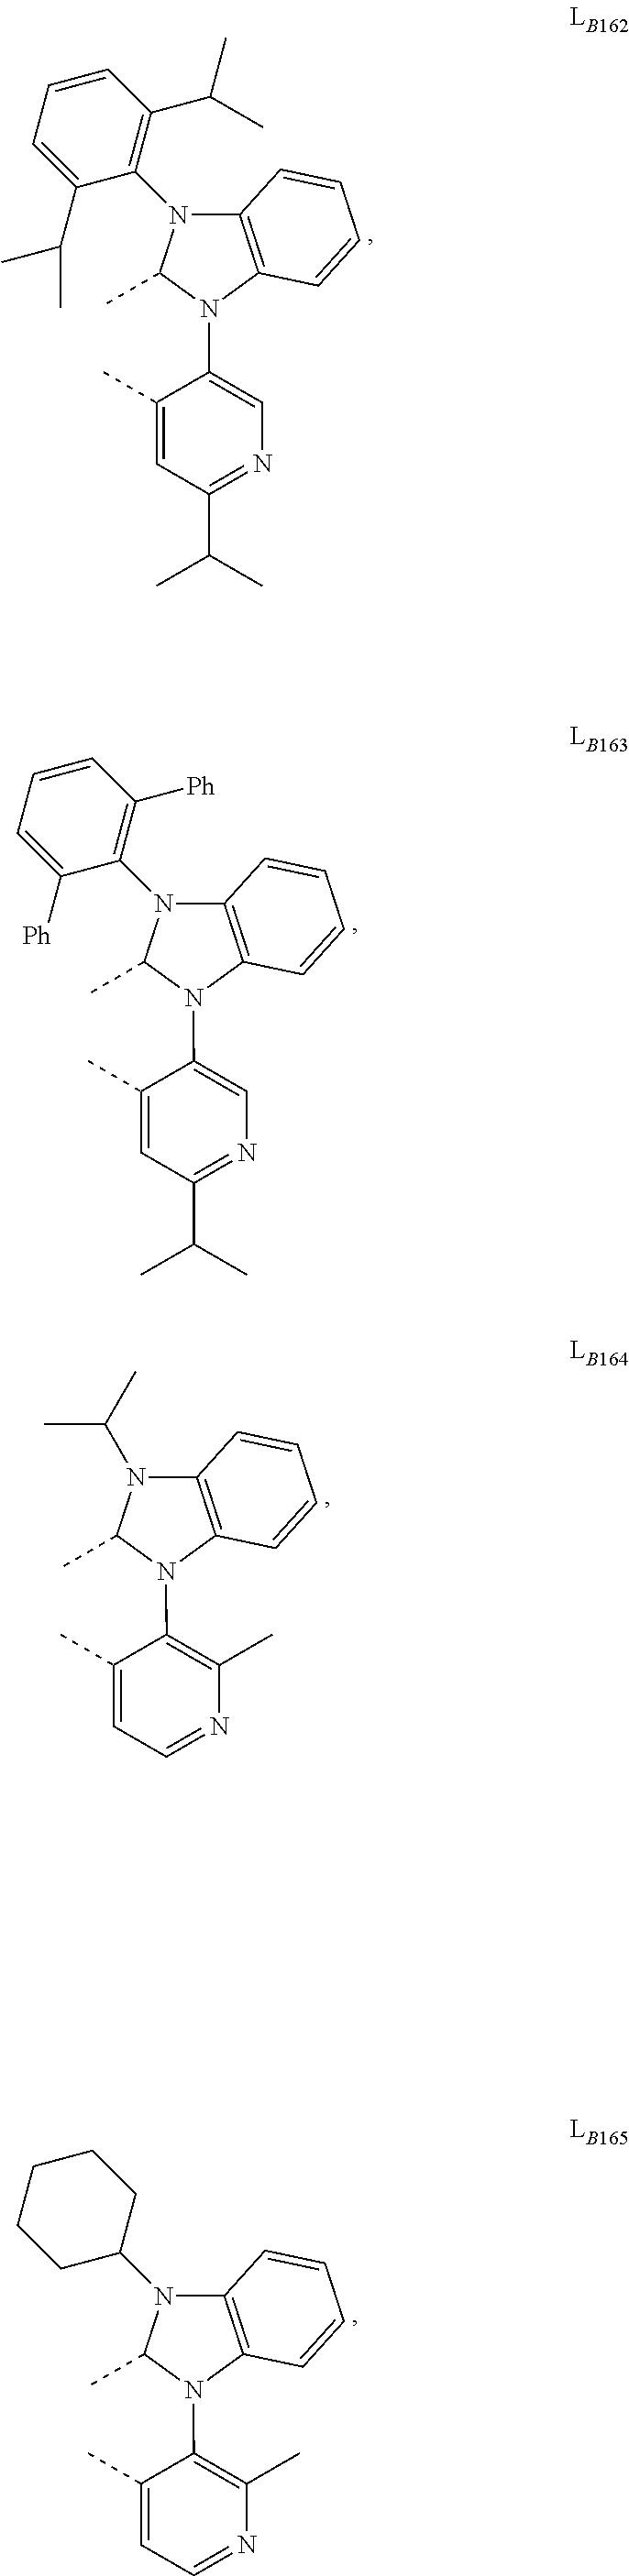 Figure US09905785-20180227-C00140